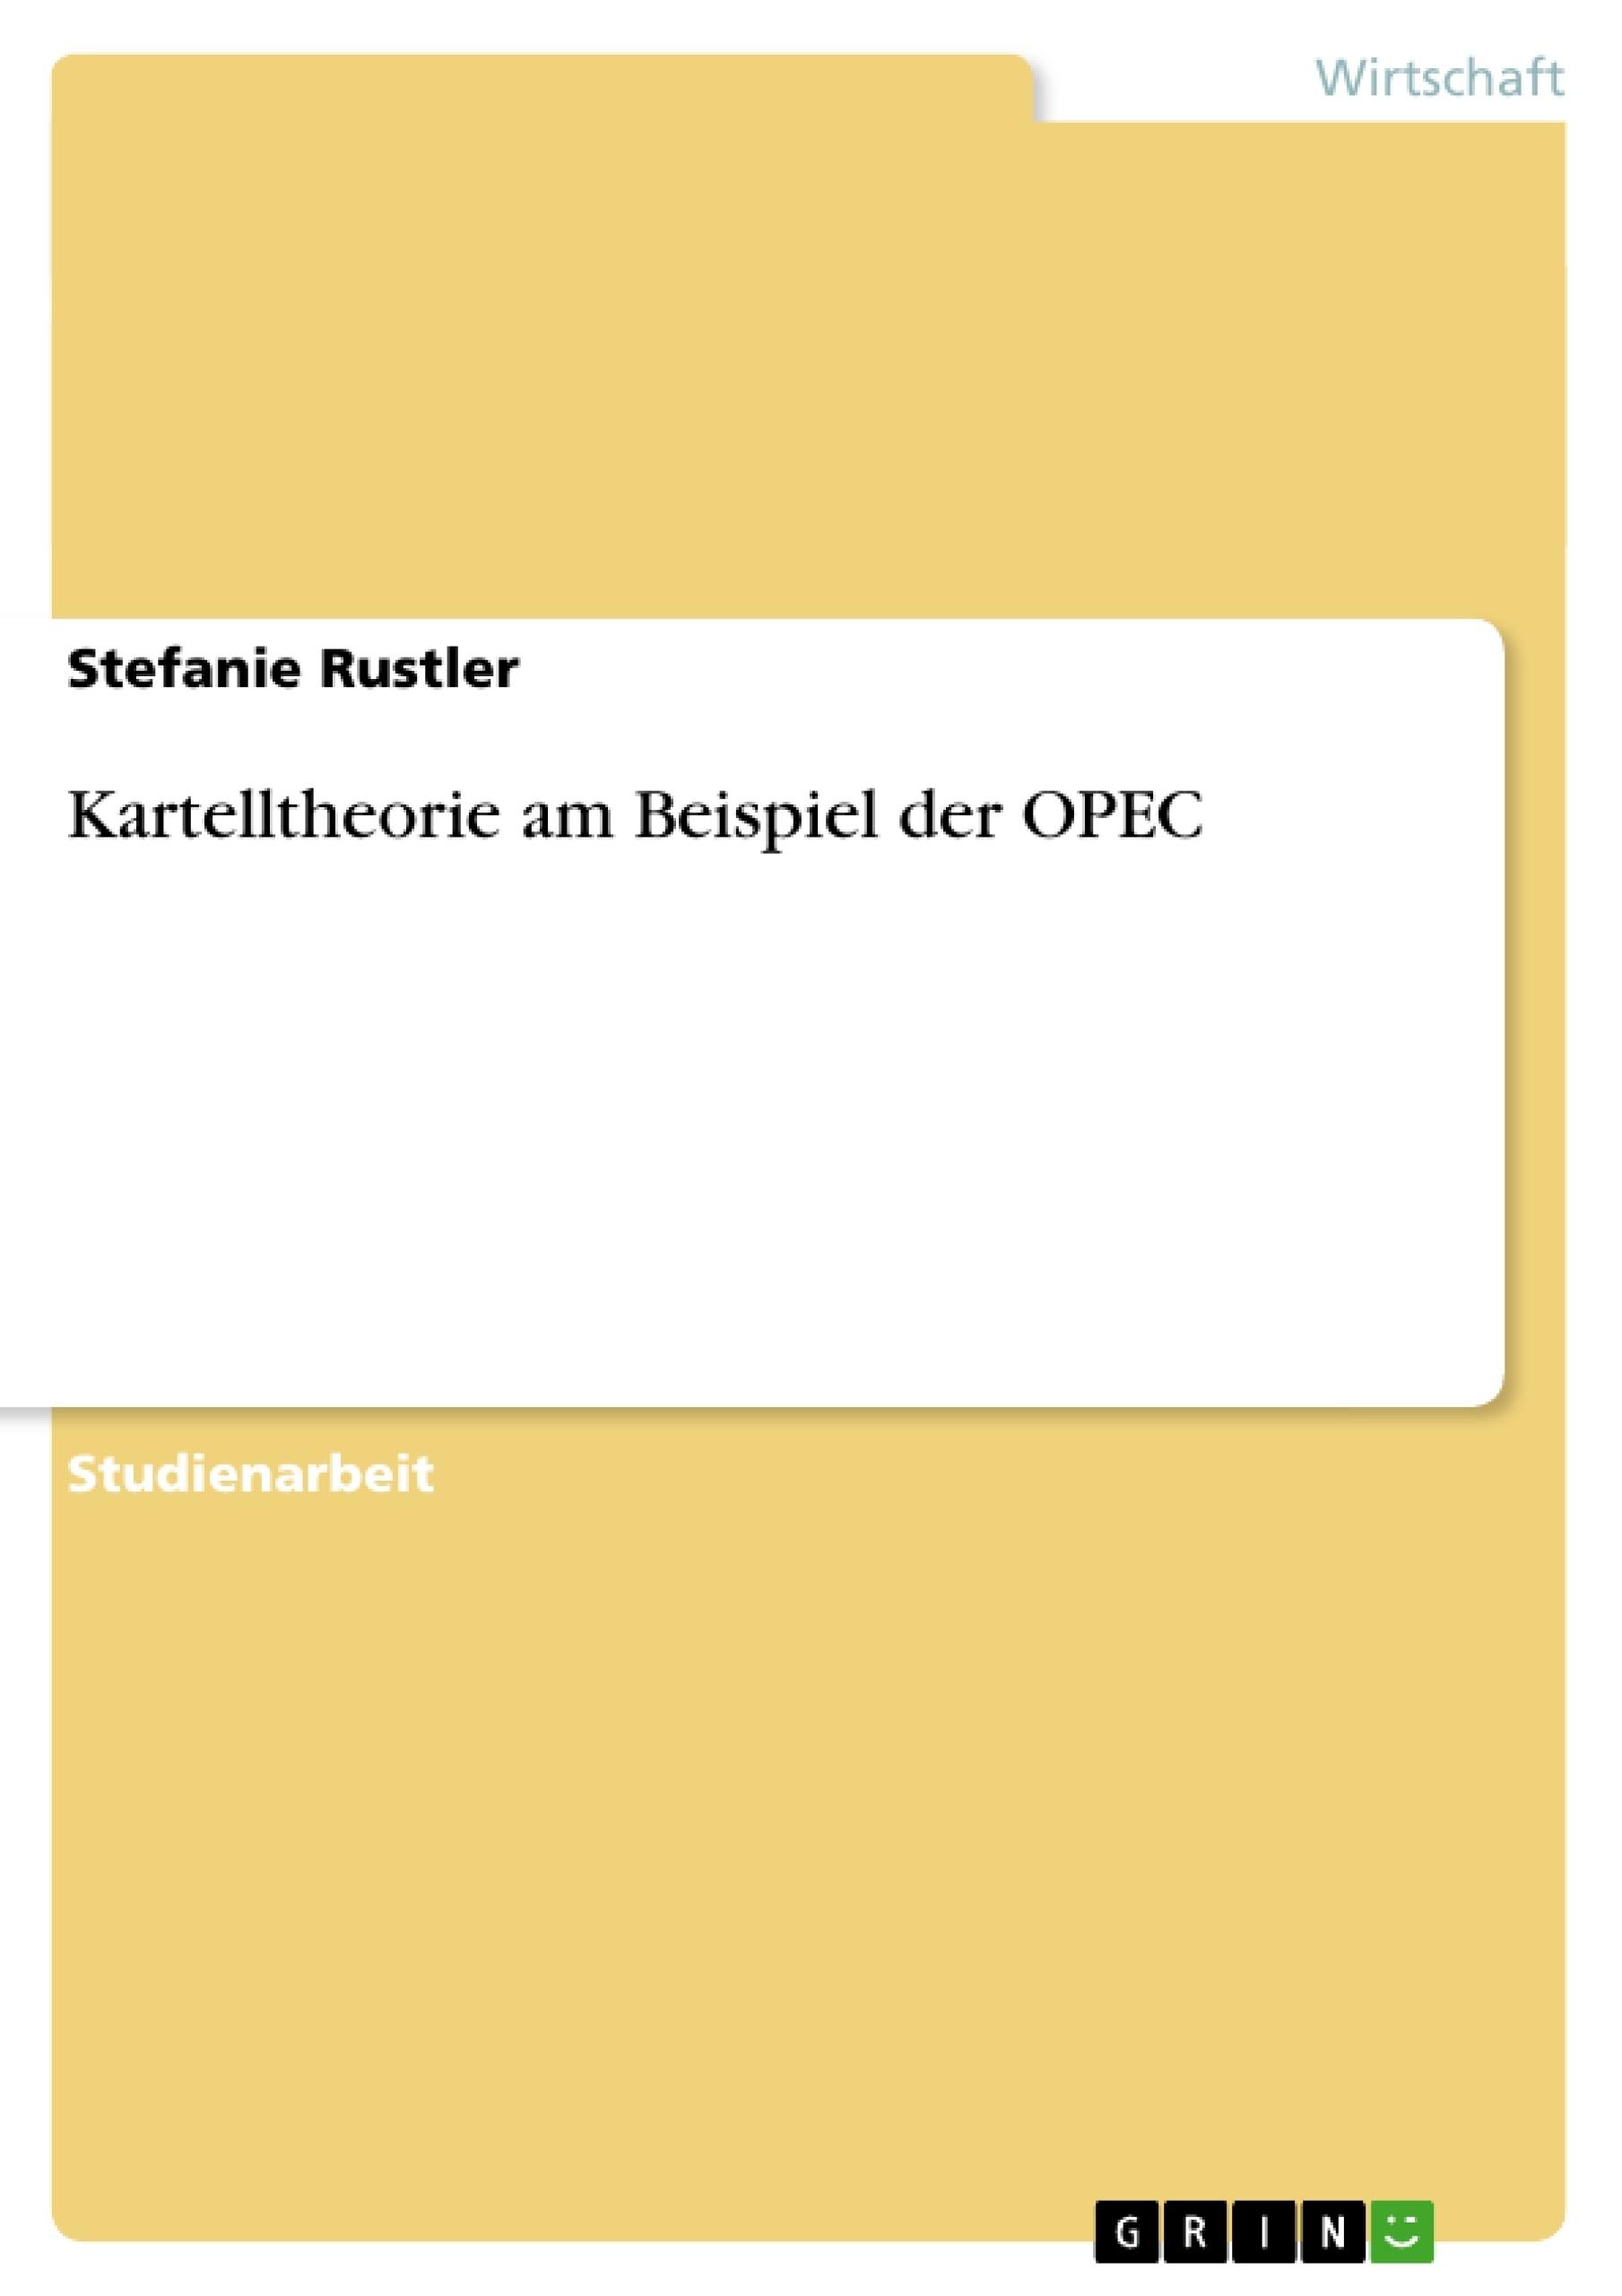 Titel: Kartelltheorie am Beispiel der OPEC